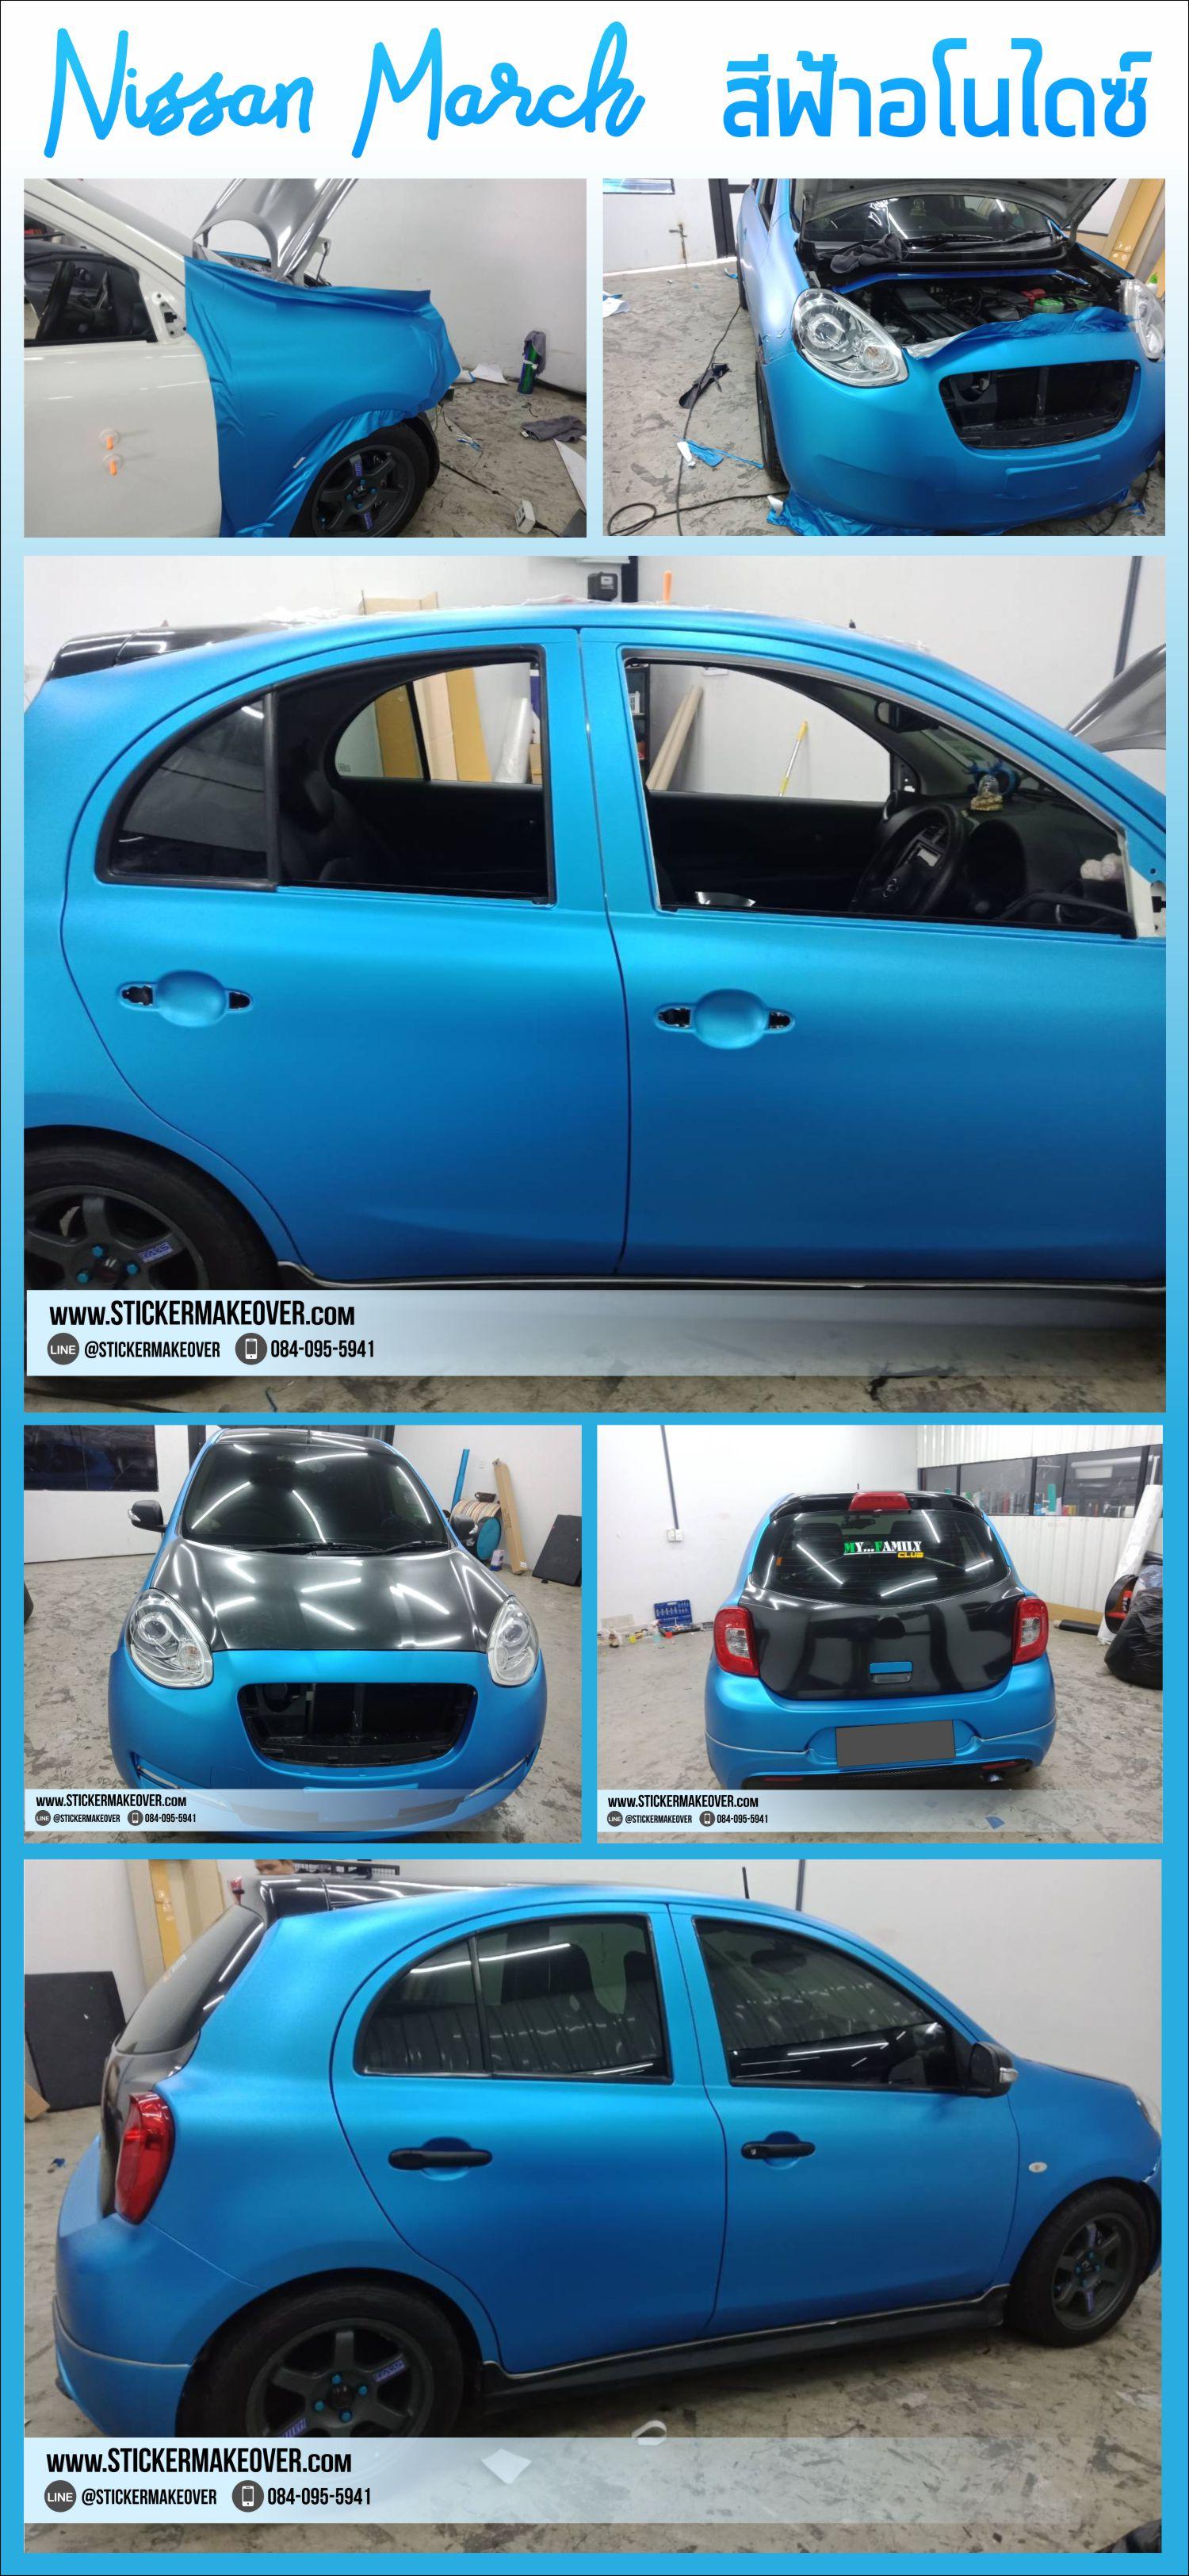 สติกเกอร์สีขาวมุก หุ้มเปลี่ยนสีtoyota camry หุ้มเปลี่ยนสีรถด้วยสติกเกอร์ wrap car  แรพเปลี่ยนสีรถ แรพสติกเกอร์สีรถ เปลี่ยนสีรถด้วยฟิล์ม หุ้มสติกเกอร์เปลี่ยนสีรถ wrapเปลี่ยนสีรถ ติดสติกเกอร์รถ ร้านสติกเกอร์แถวนนทบุรี หุ้มเปลี่ยนสีรถราคาไม่แพง สติกเกอร์ติดรถทั้งคัน ฟิล์มติดสีรถ สติกเกอร์หุ้มเปลี่ยนสีรถ3M  สติกเกอร์เปลี่ยนสีรถ oracal สติกเกอร์เปลี่ยนสีรถเทาเมทัลลิค